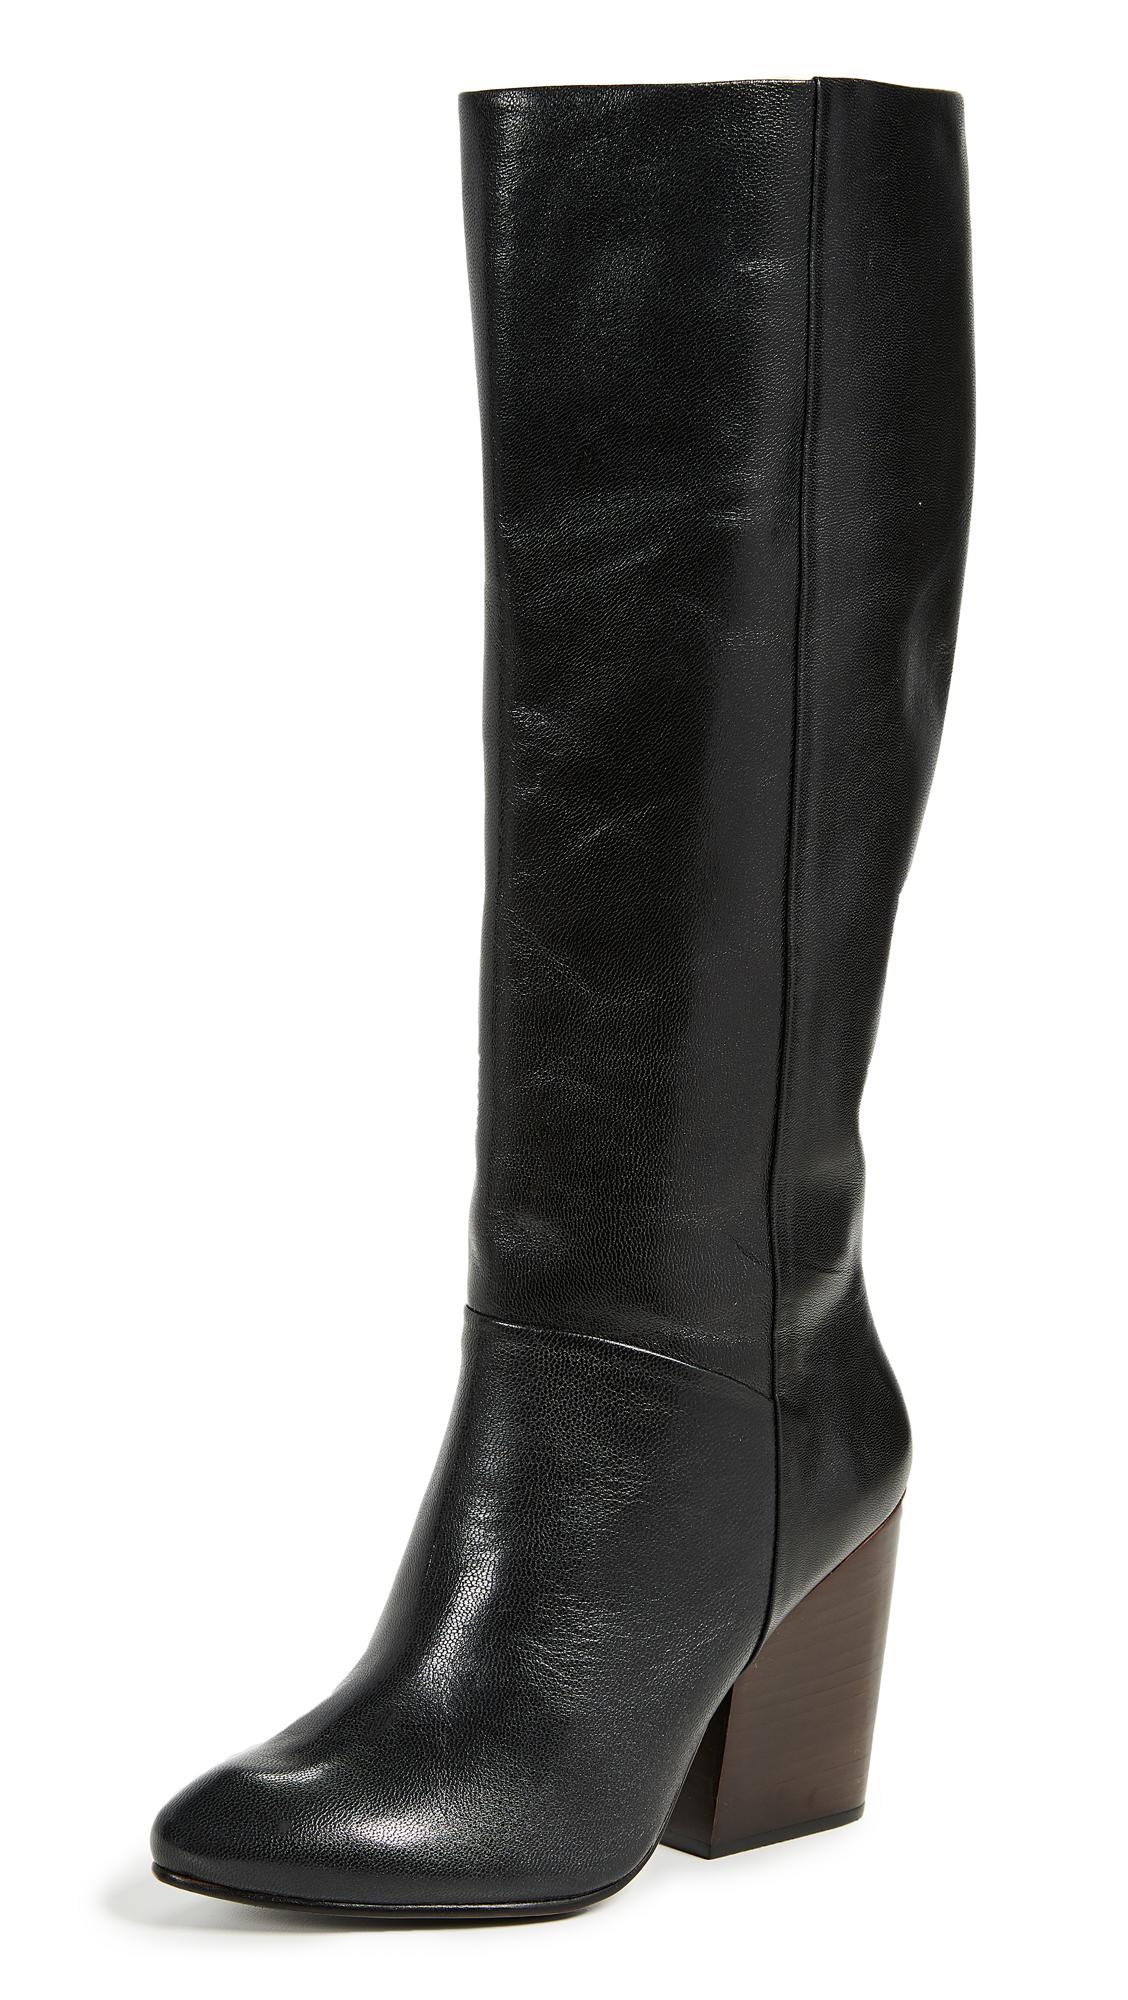 Rachel Comey Zim Boots - Black